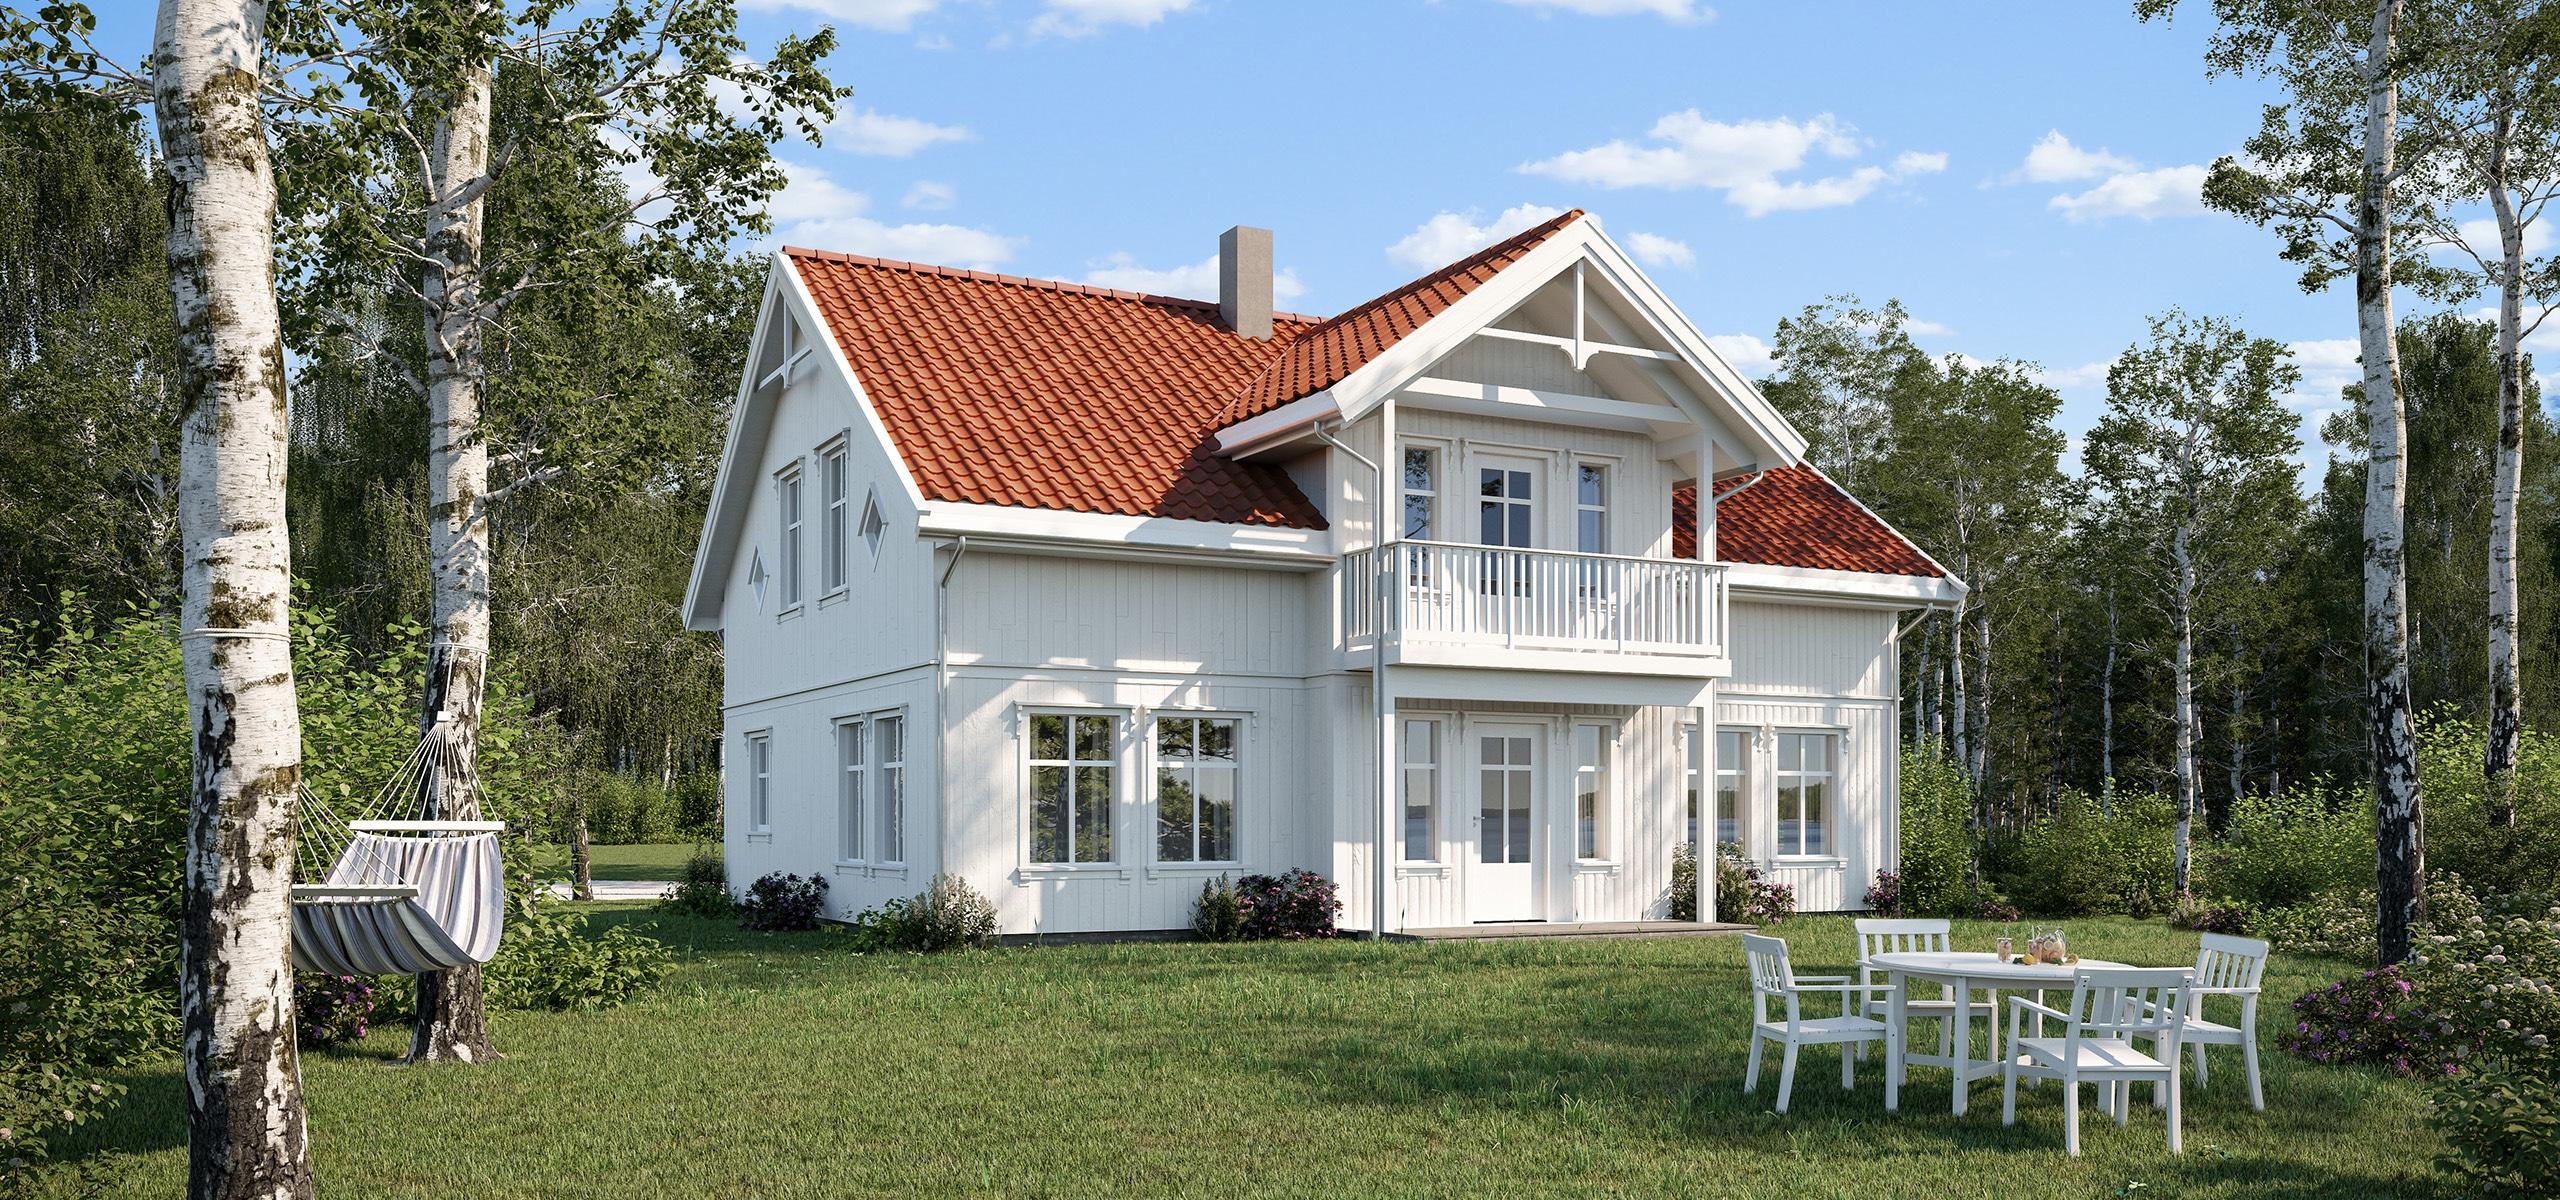 Bilde av Eplehage, en flott klassisk bolig